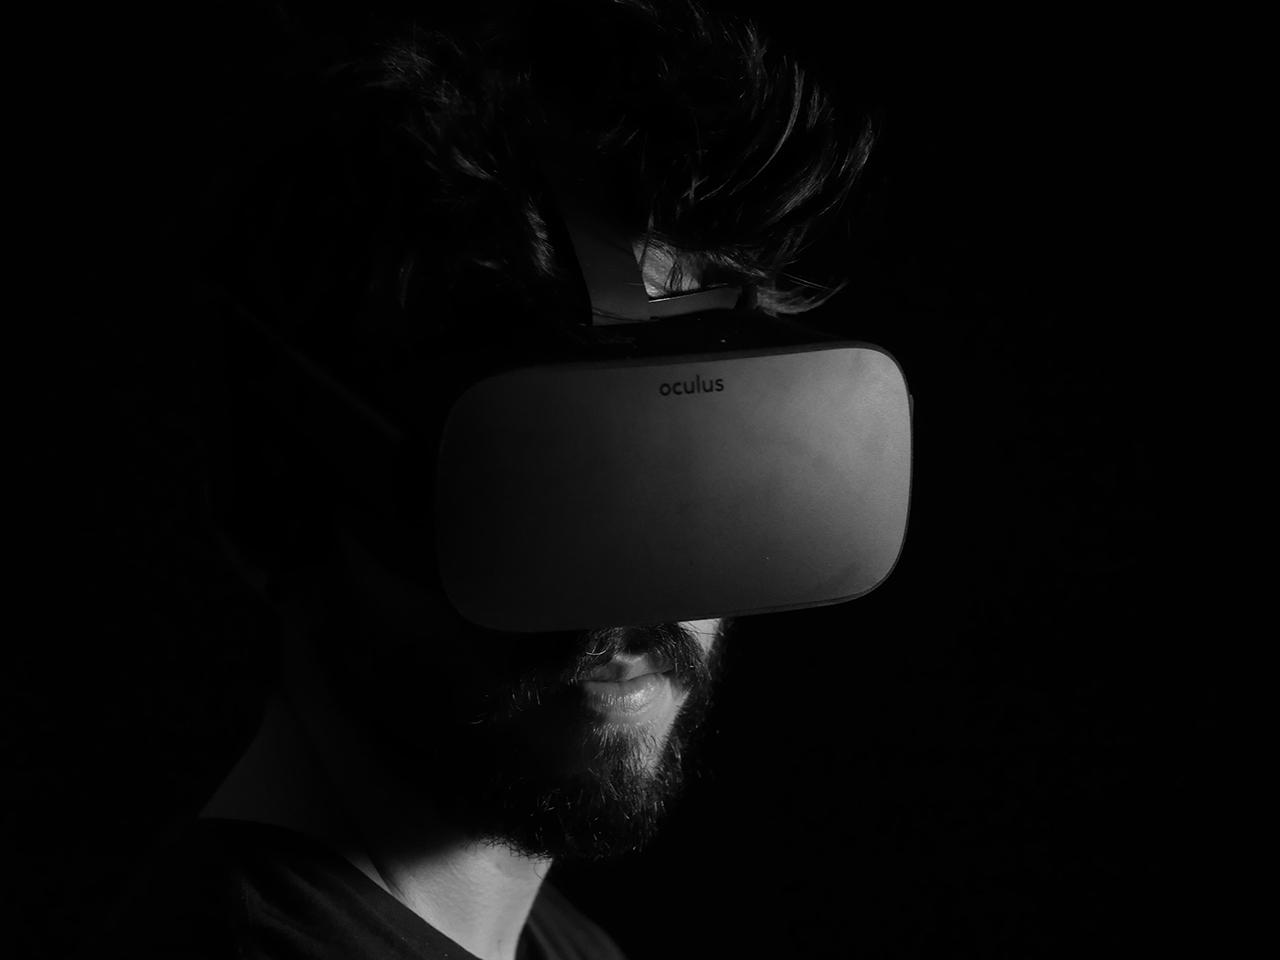 La réalité virtuelle en entreprise - Le 08 avril 2019, les membres du Club Boma France se réunissent pour participer à une grande soirée sur le thème de la réalité virtuelle.